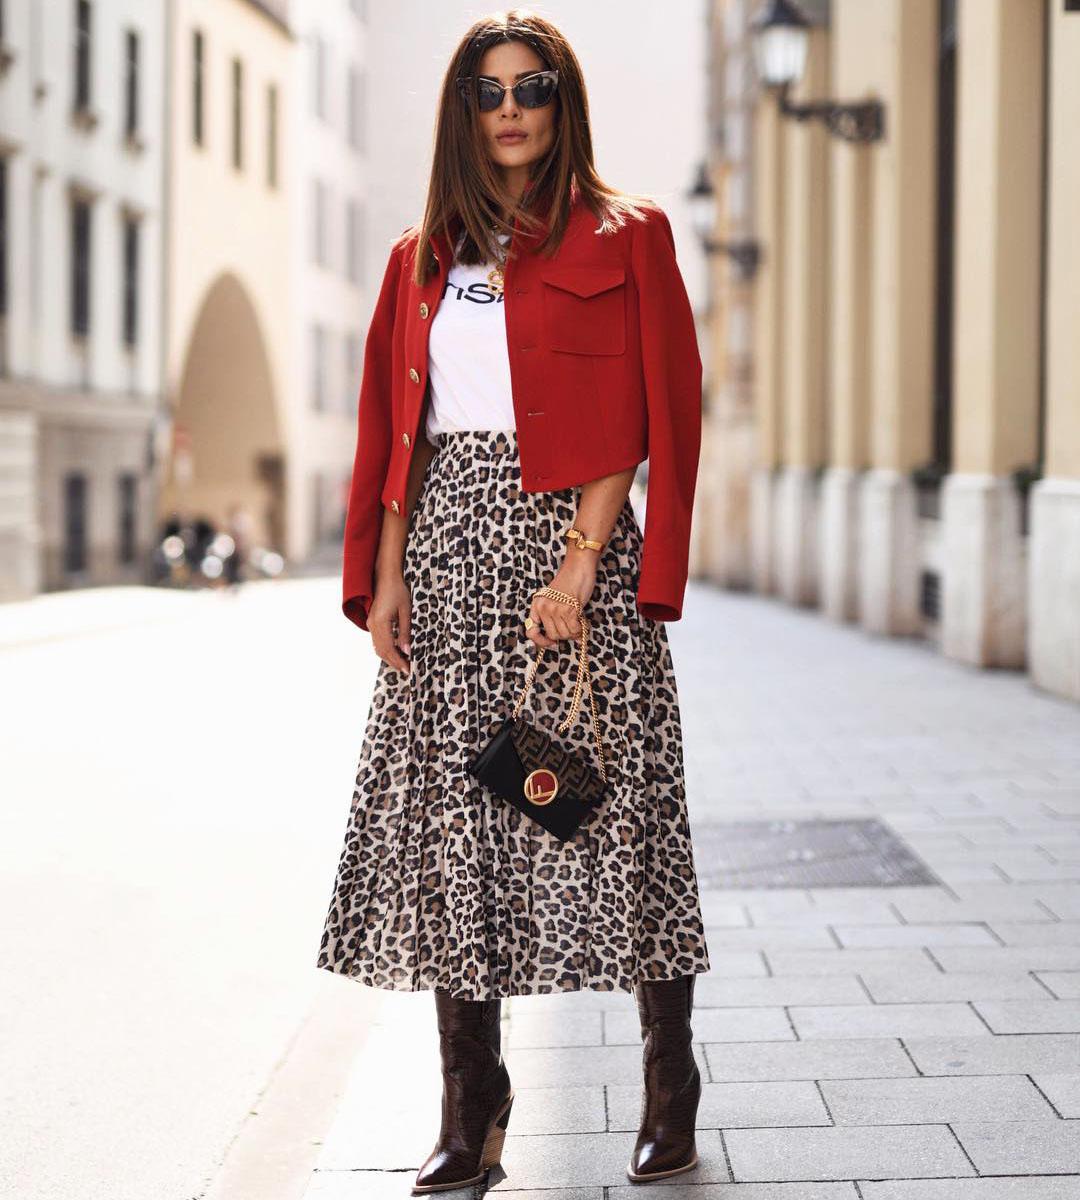 Леопардовая юбка. Примеры на модных блогерах